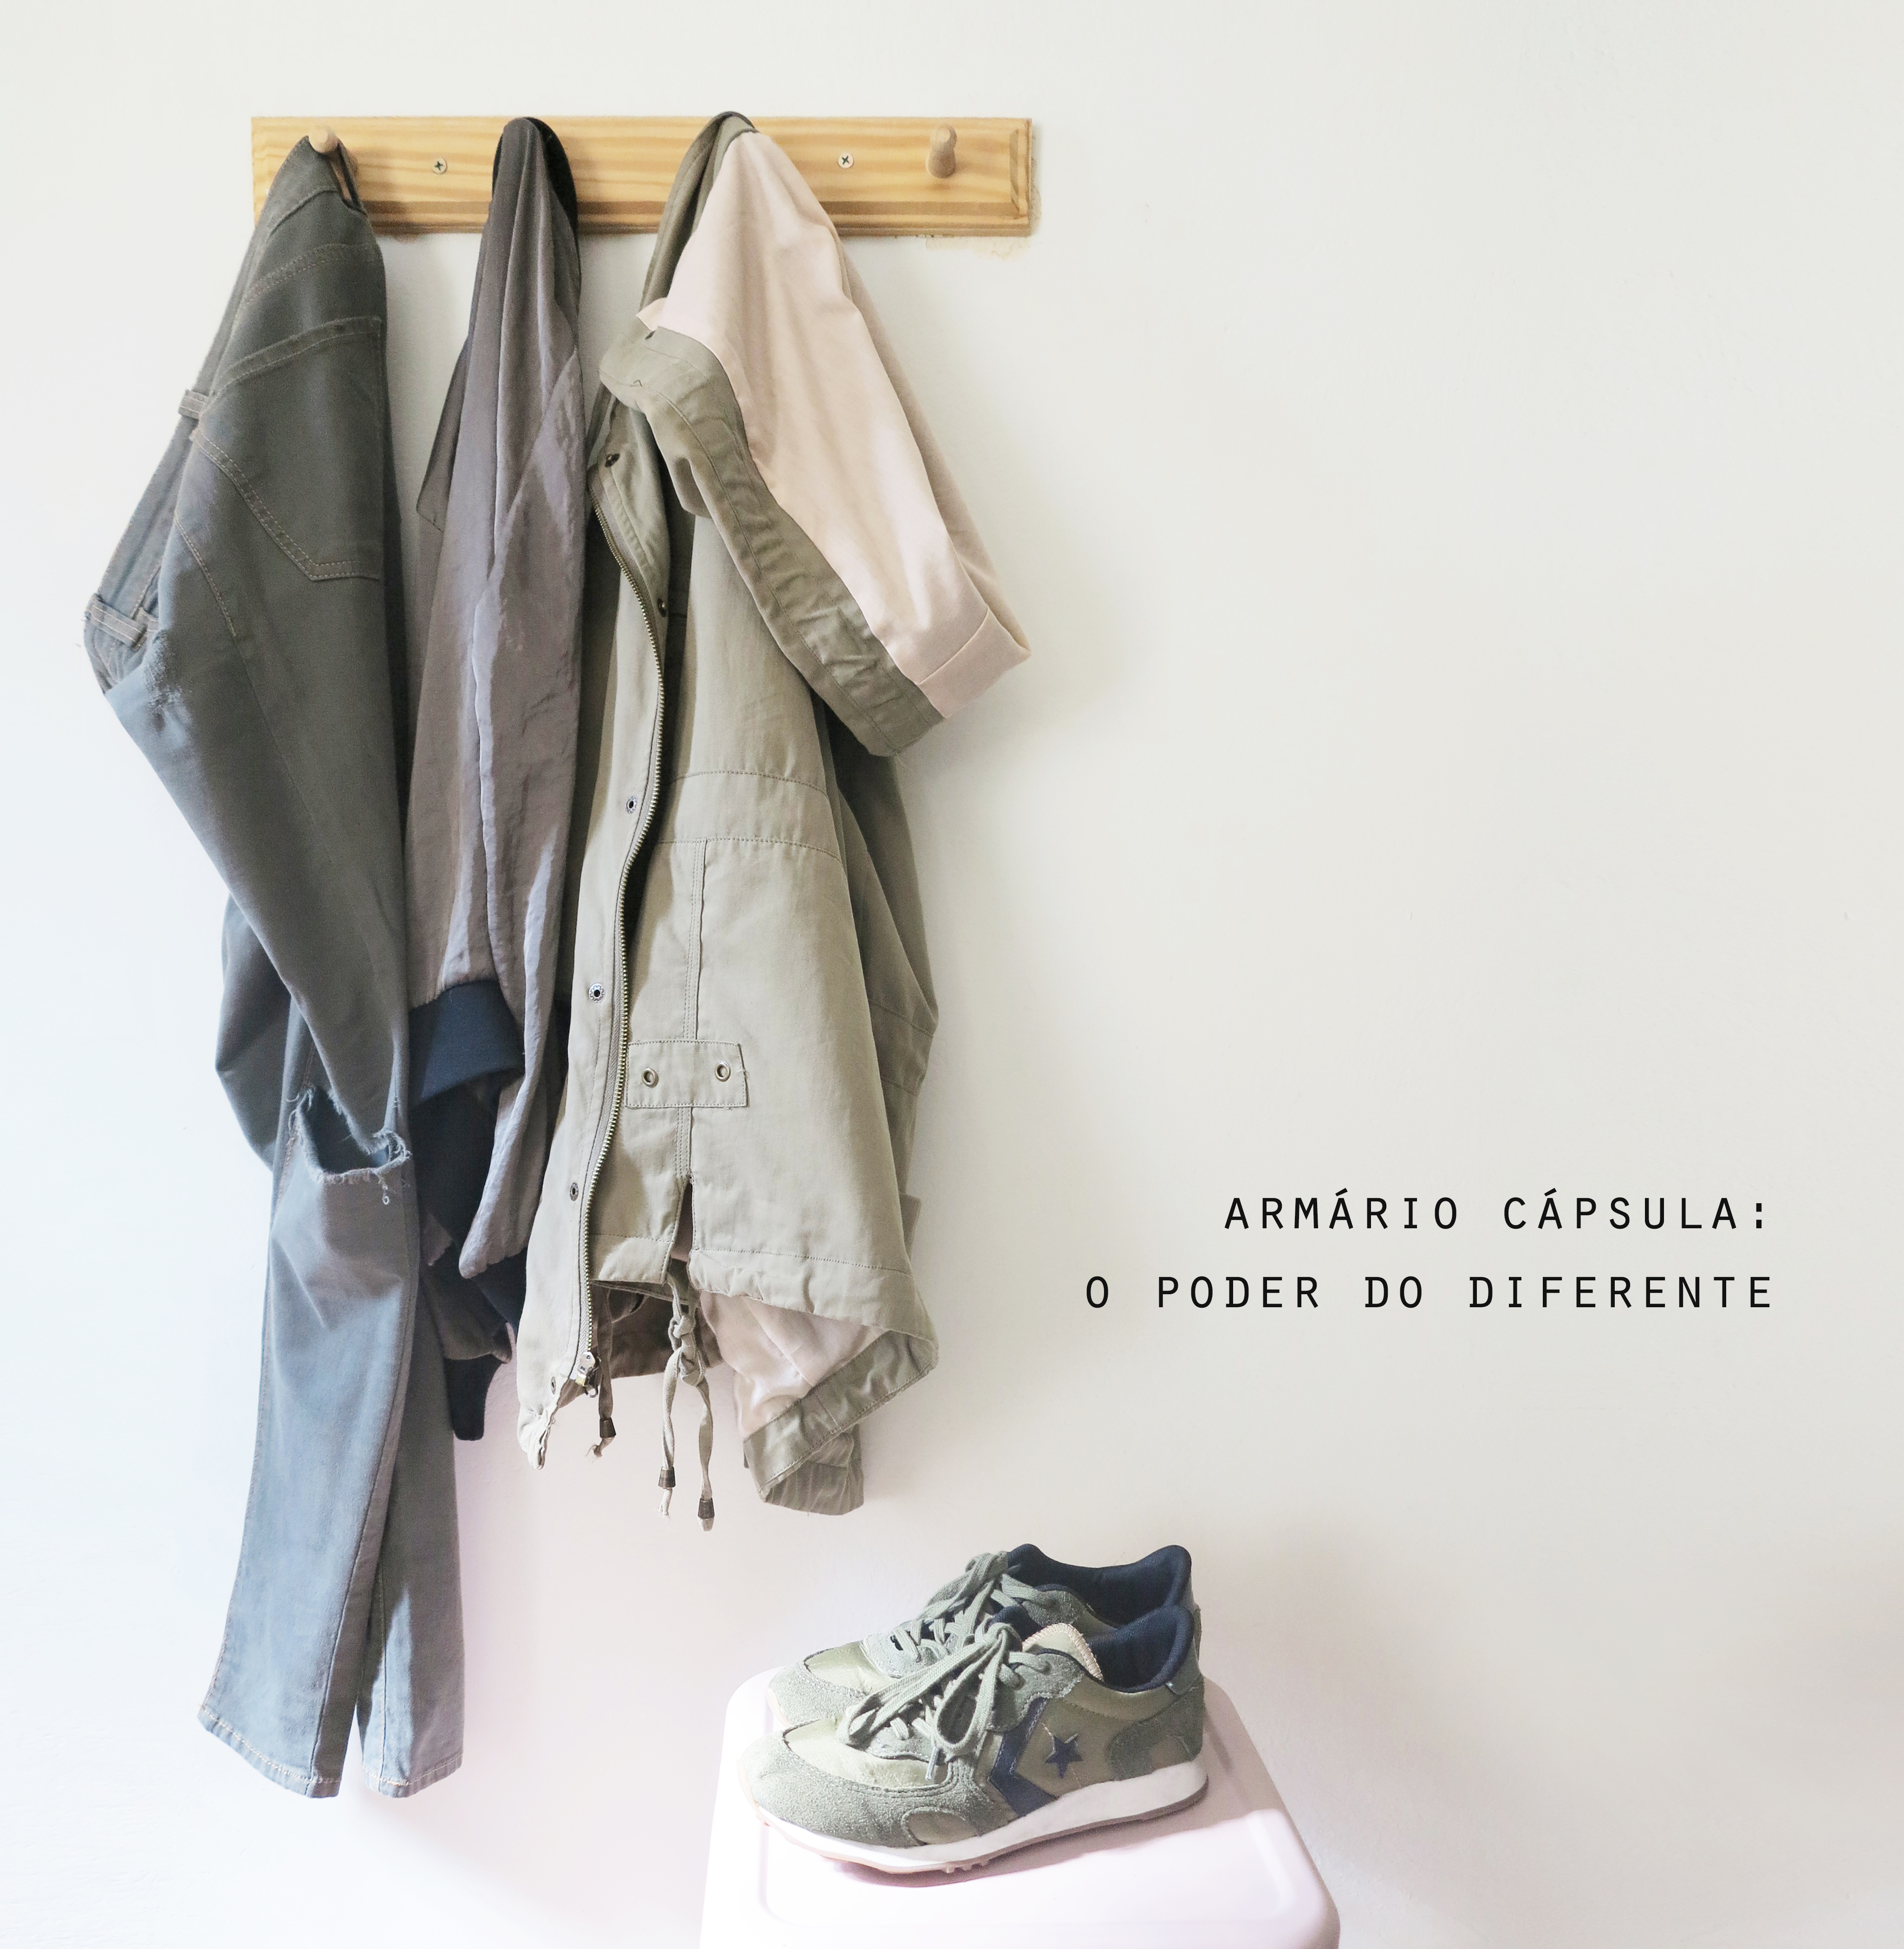 Amrário Cápsula: O Poder do diferente, por Andresa Caparroz